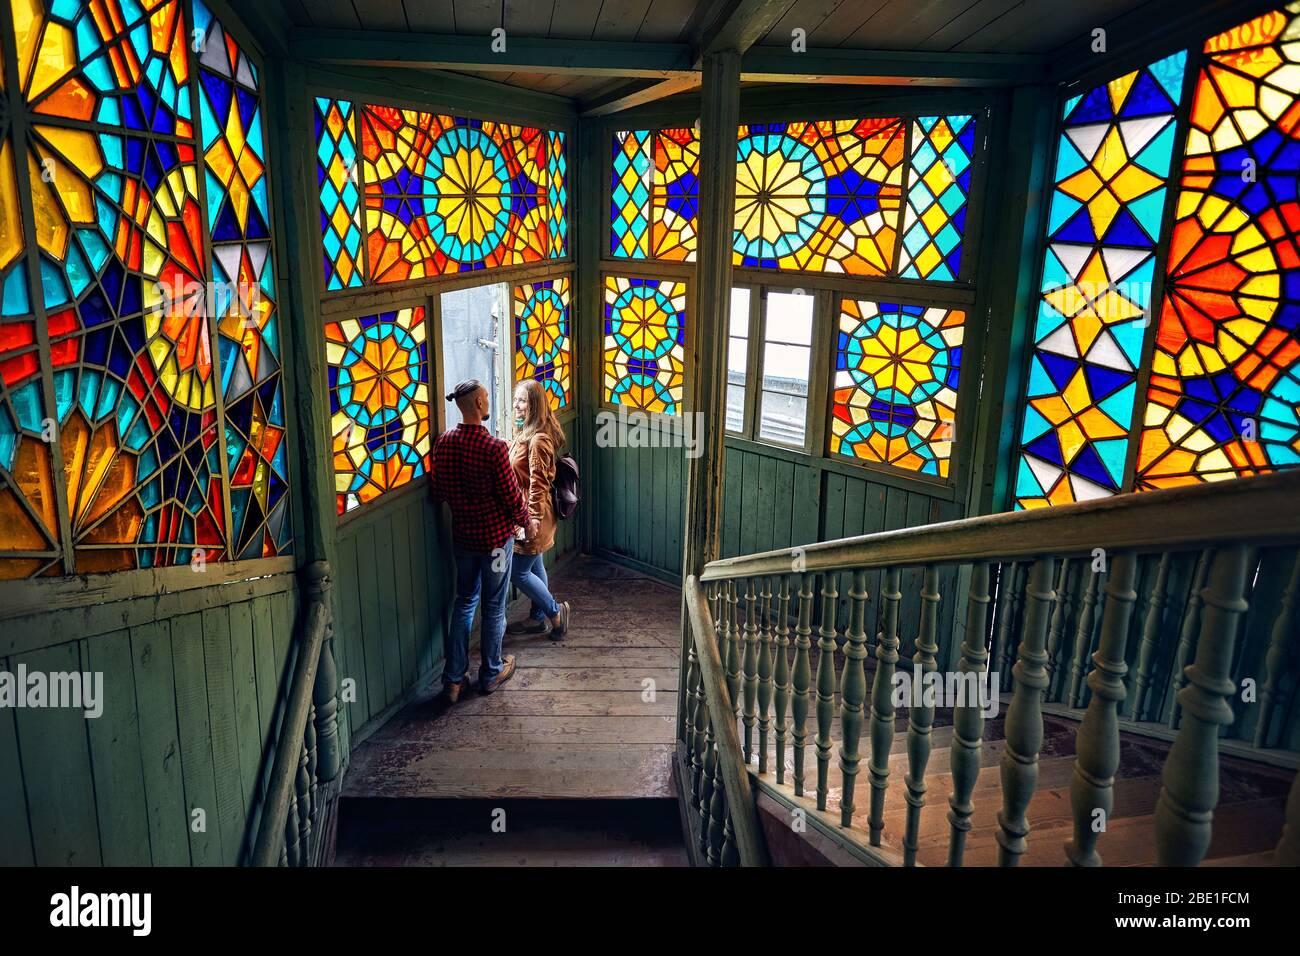 Romantisches Paar von Tourist am Balkon mit Treppe und buntes Mosaik Gläser in der Altstadt von Tiflis, Georgien. Stockfoto